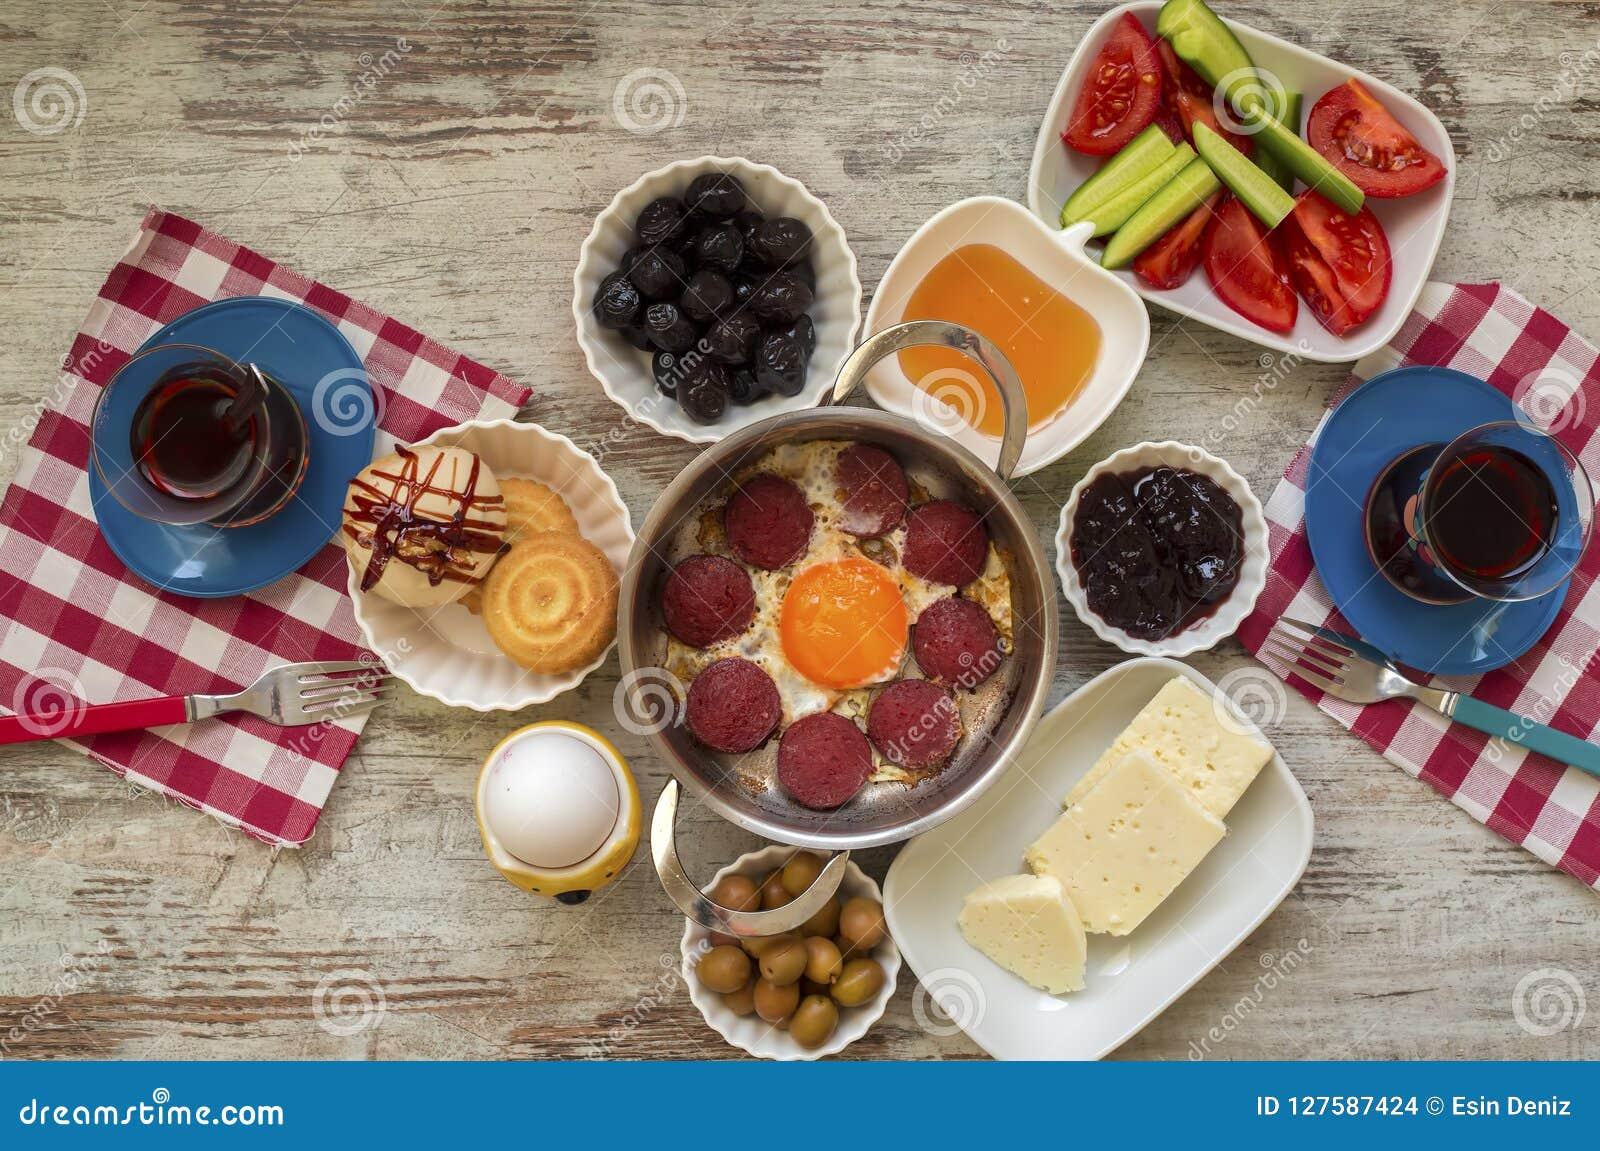 Reisekonzept Einrichtung Mit Traditionellem Türkischem Frühstück